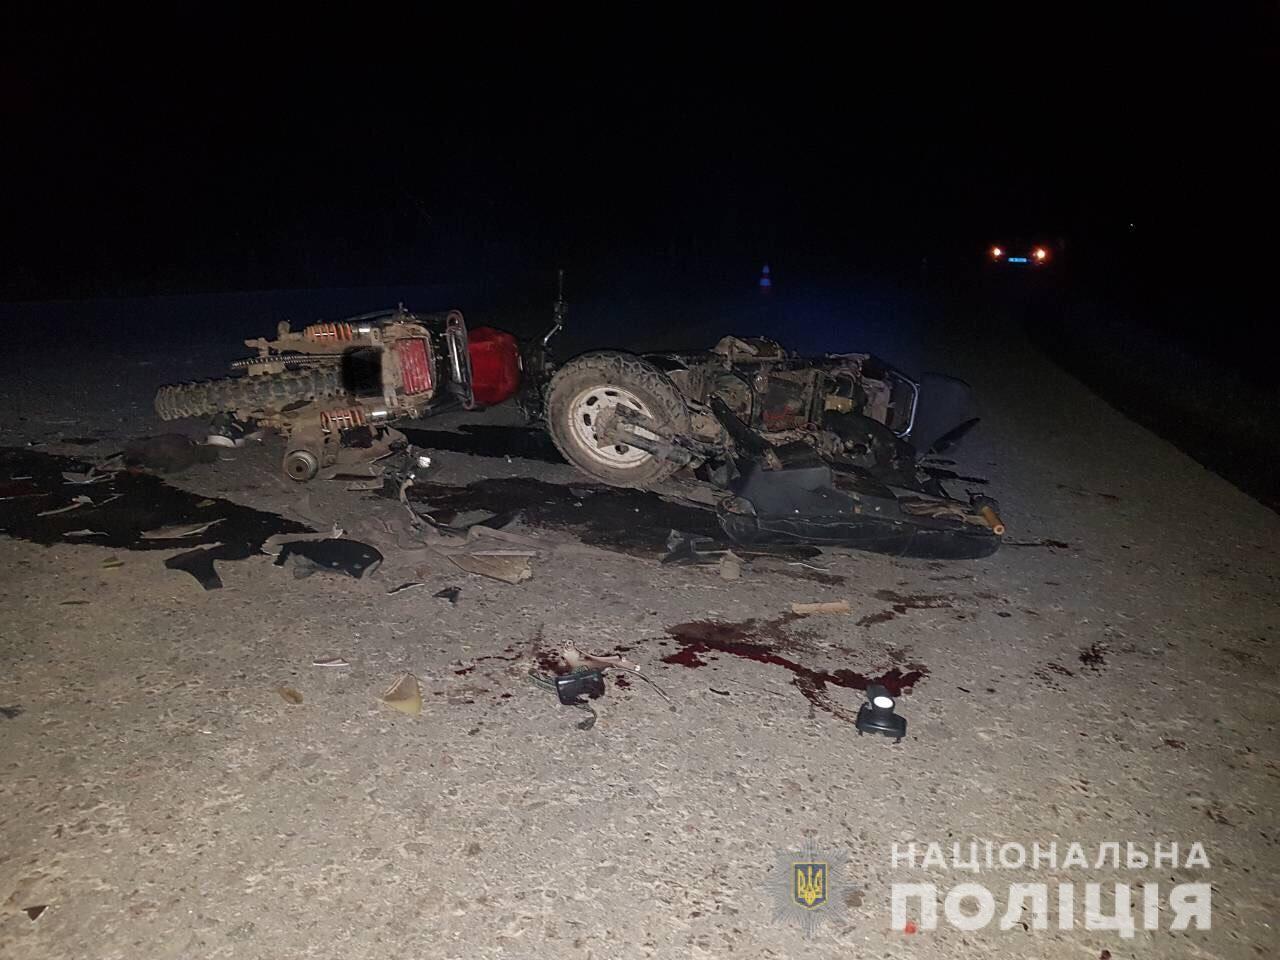 Ввечері у Ясінях, що на Рахівщині, зіткнулися скутер і мотоцикл. Постраждало двоє місцевих мешканців